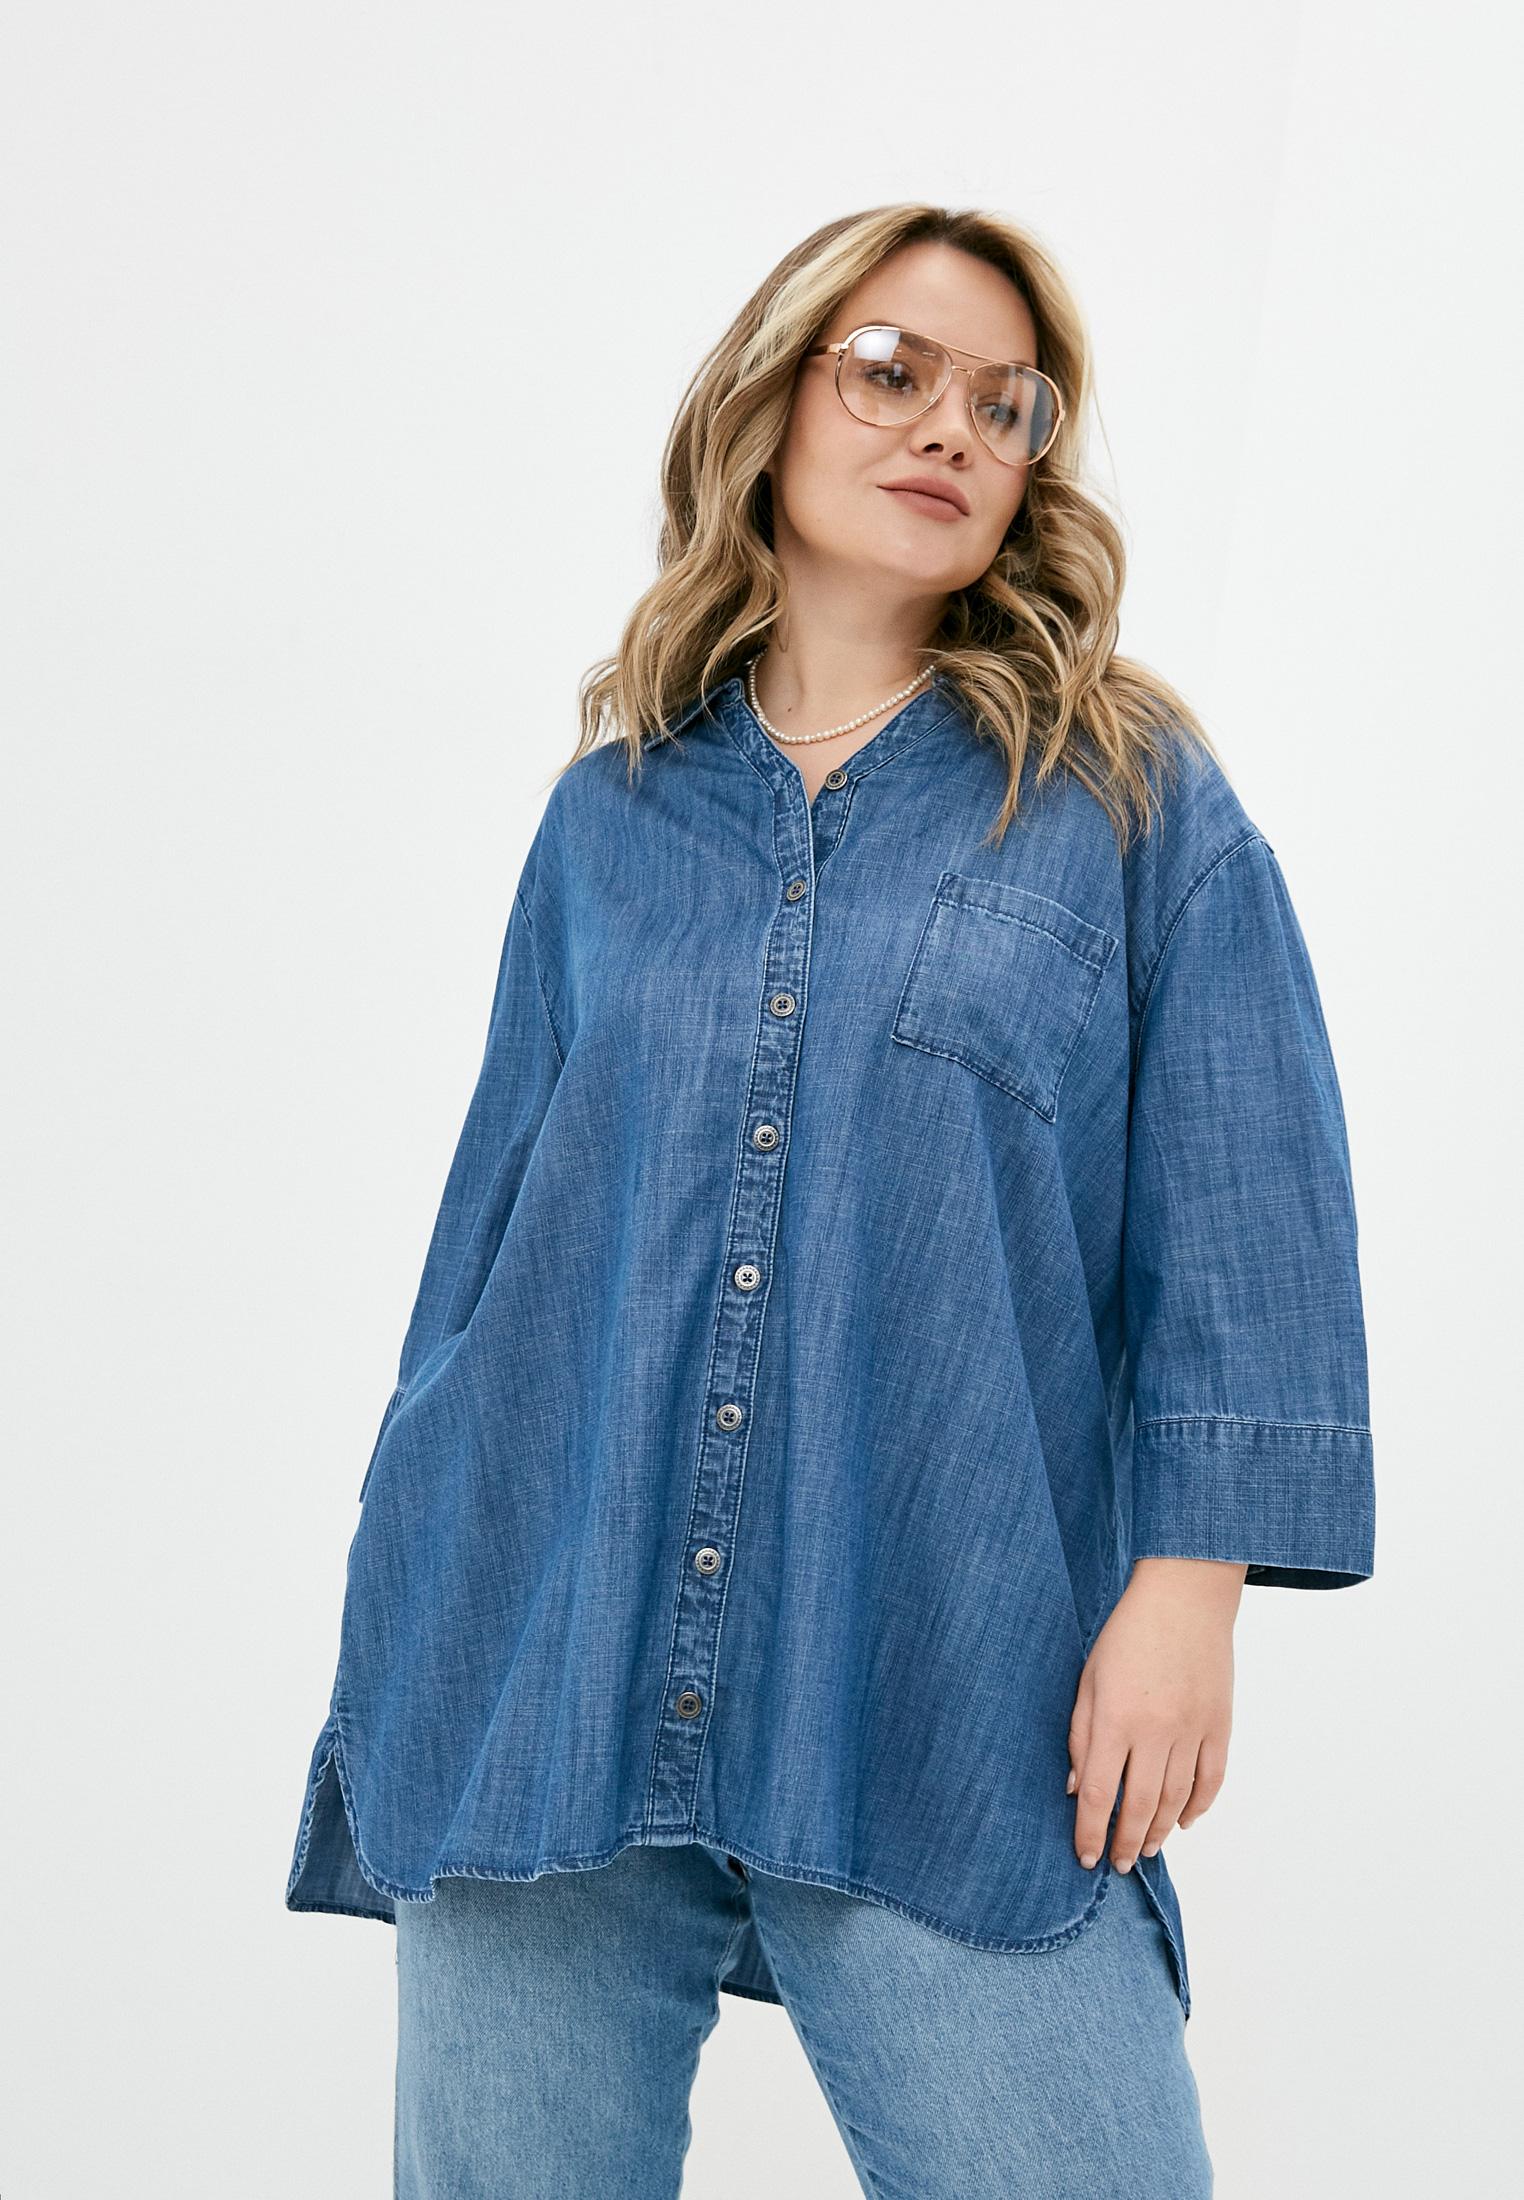 Женские джинсовые рубашки Ulla Popken (Улла Попкен) Рубашка джинсовая Ulla Popken